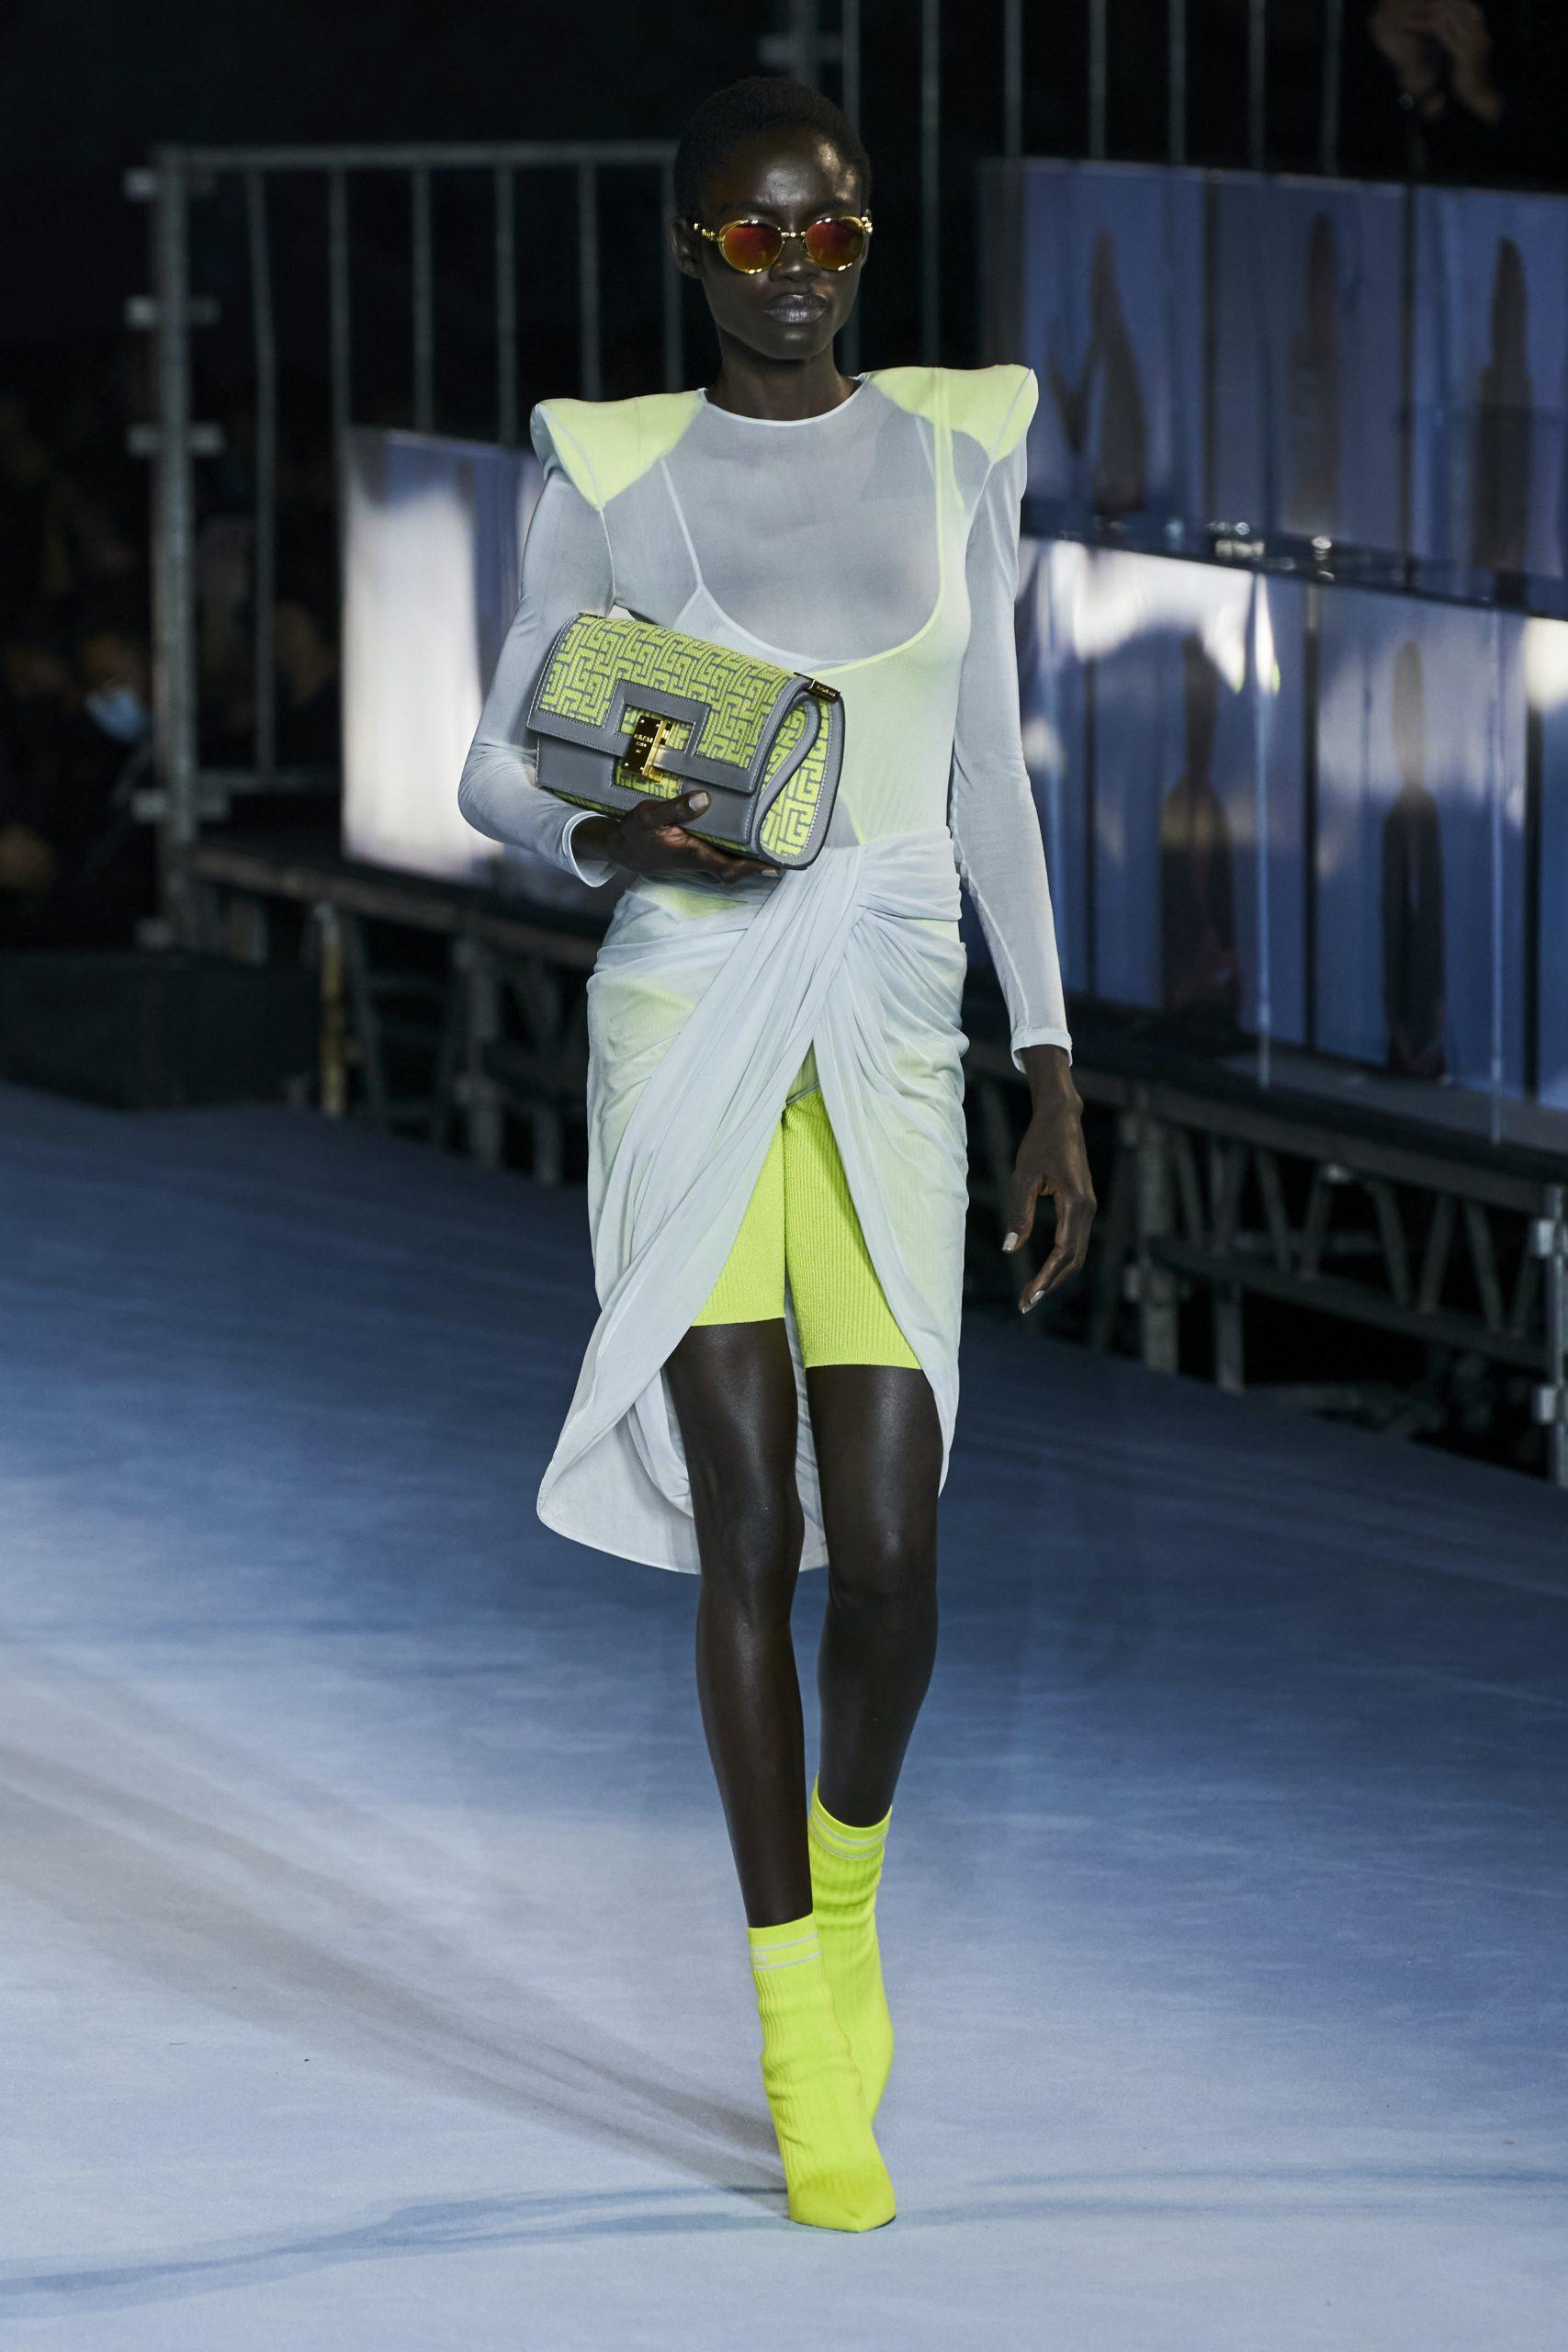 5. kép: Párizsi divathét - 2021-es tavaszi-nyári ready to wear kollekció - Balmain